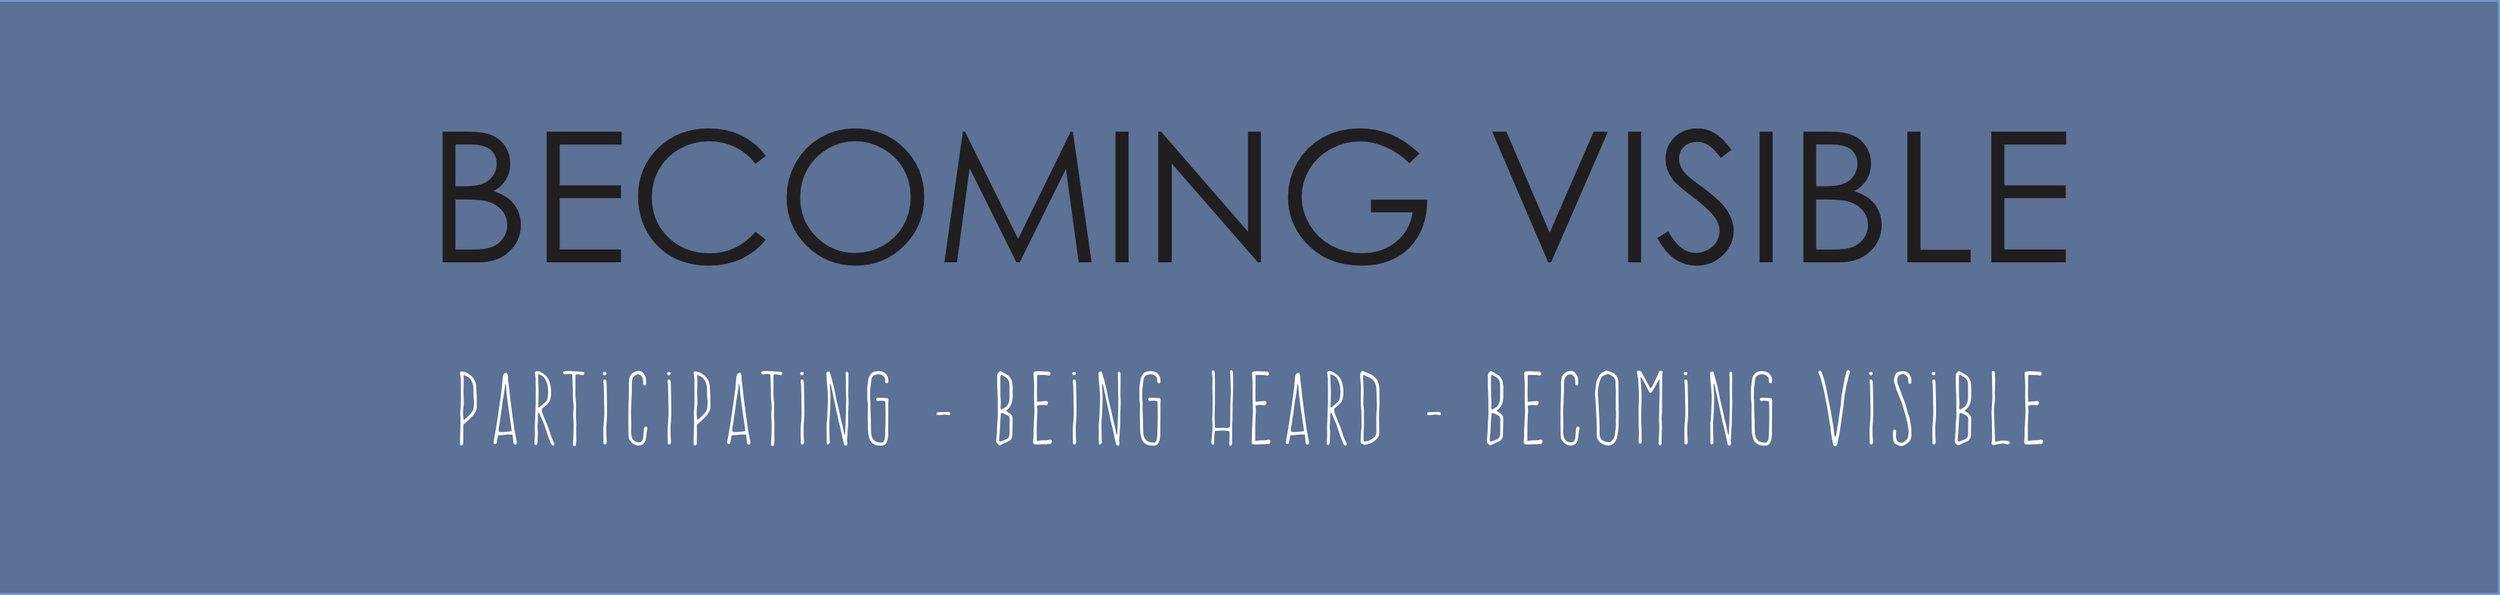 BECOMING VISIBLE.jpg